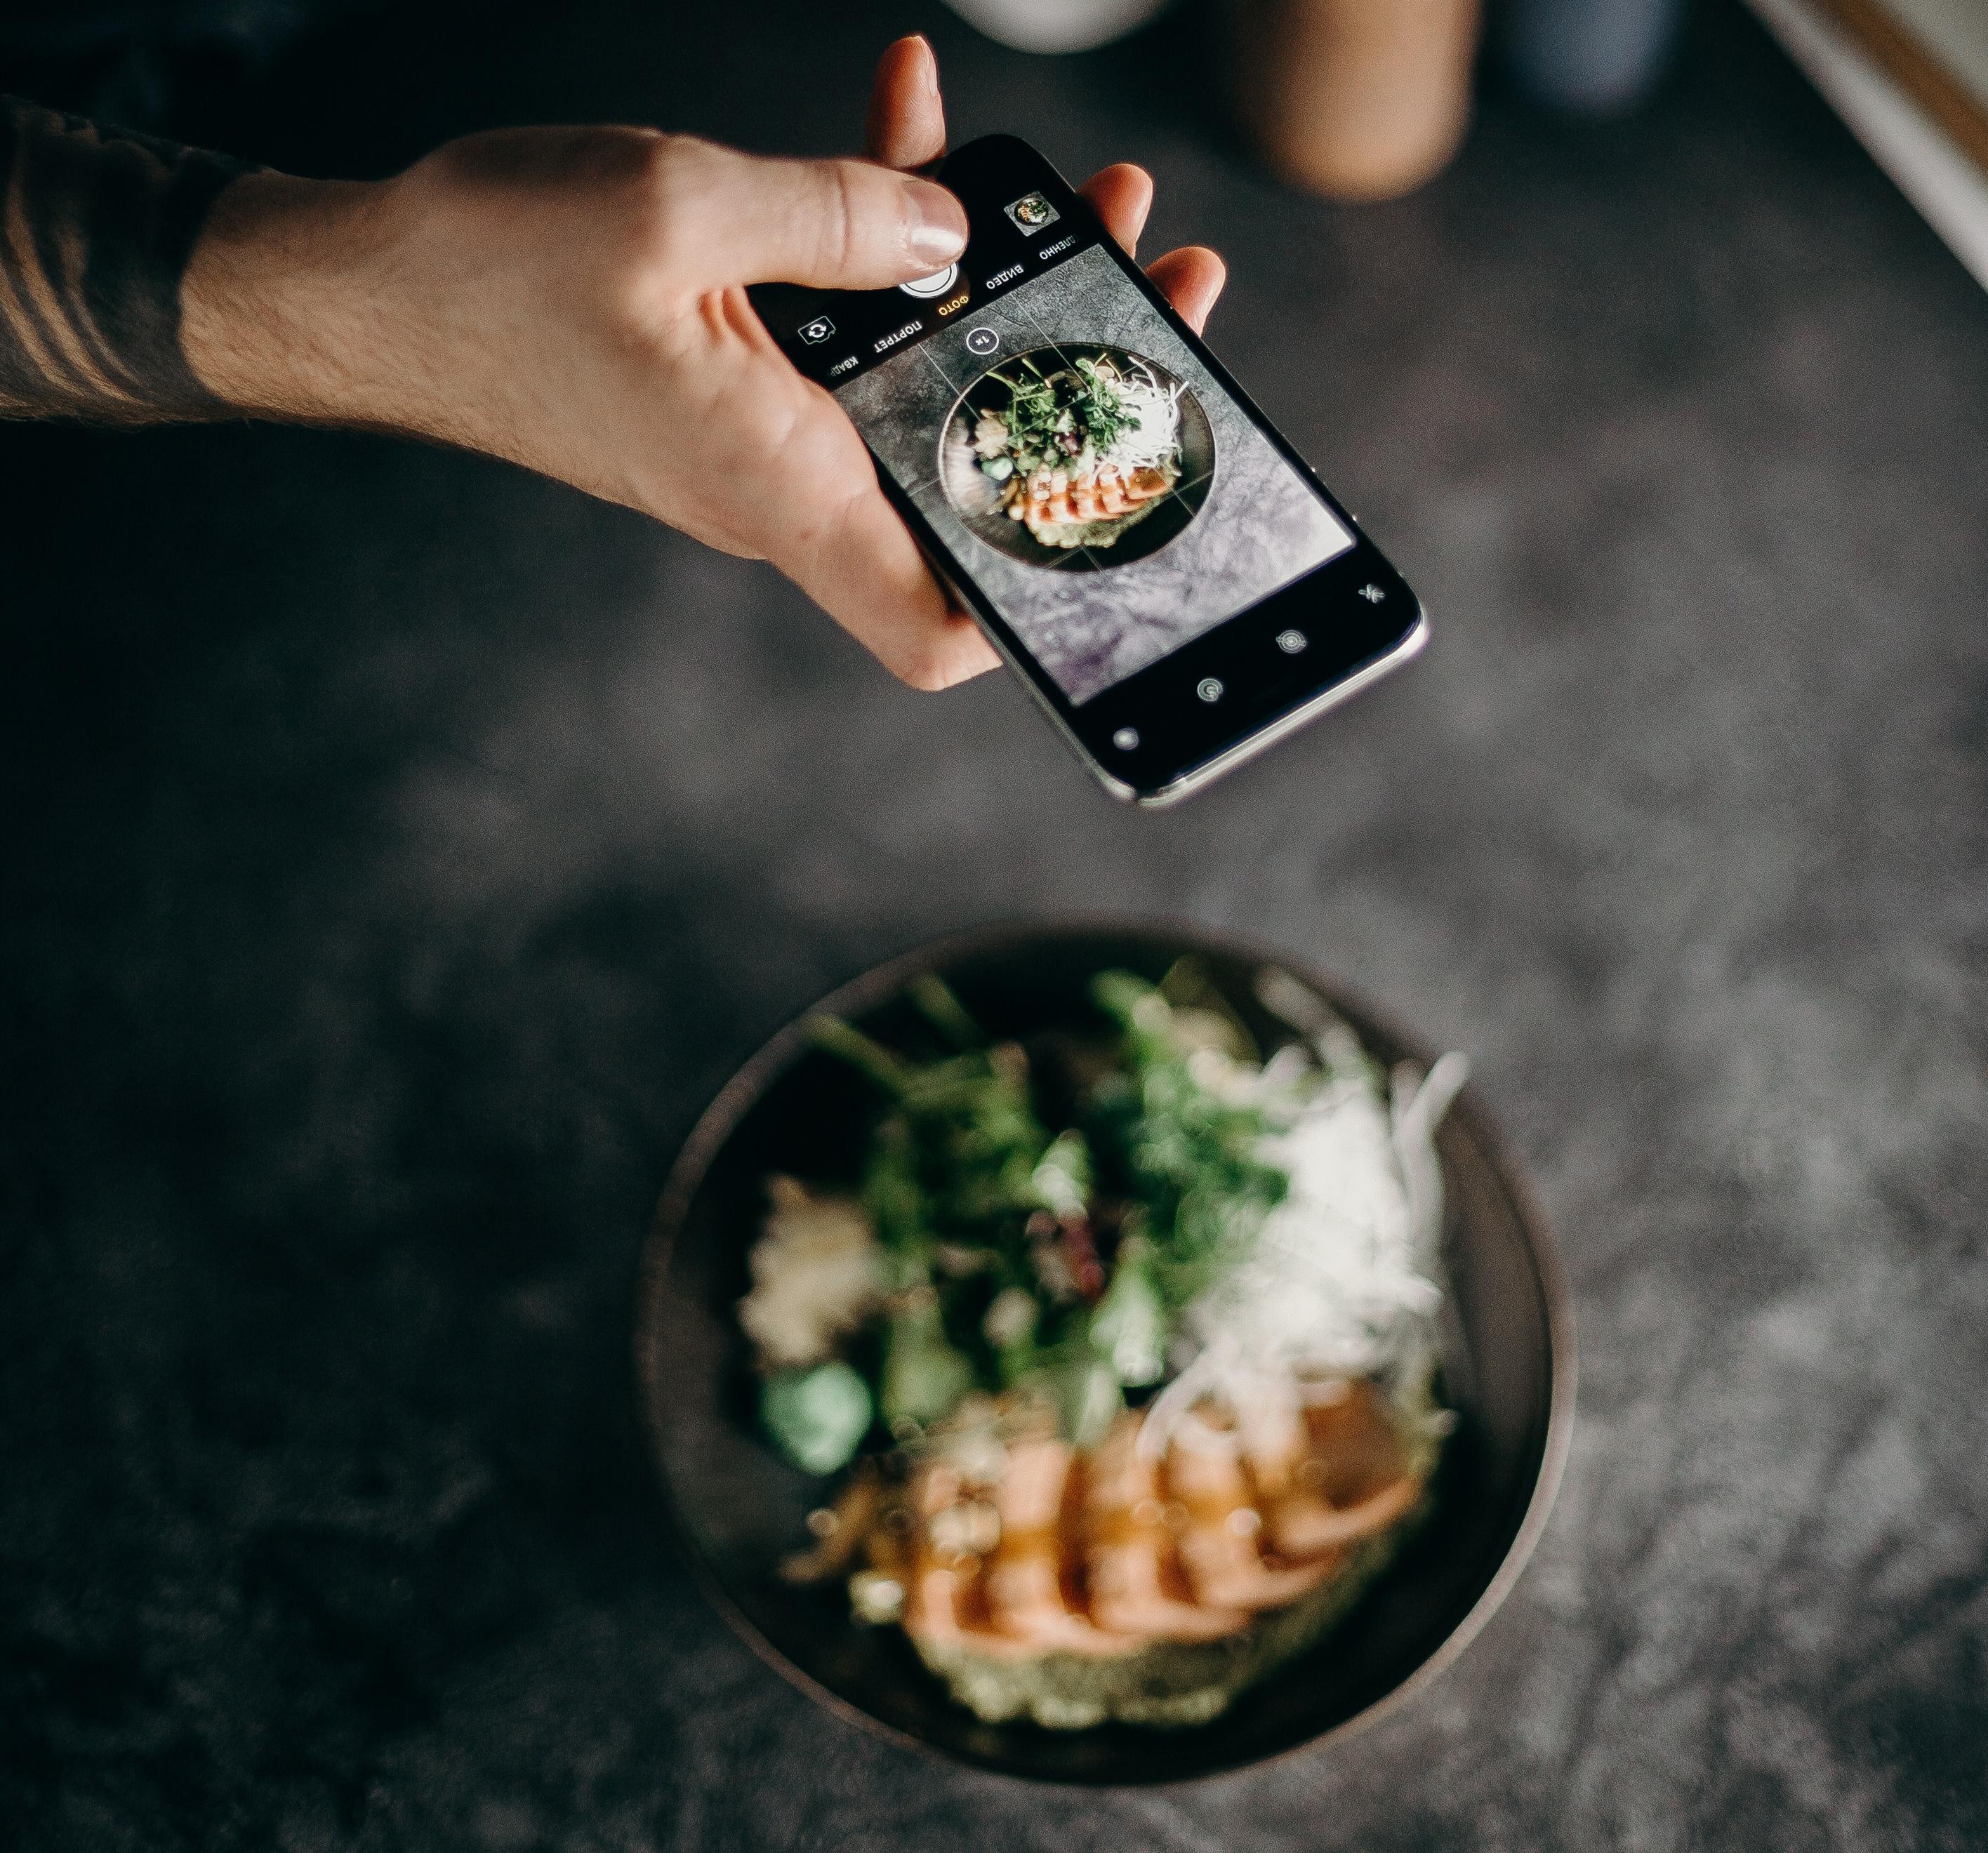 Blogueiro de comida